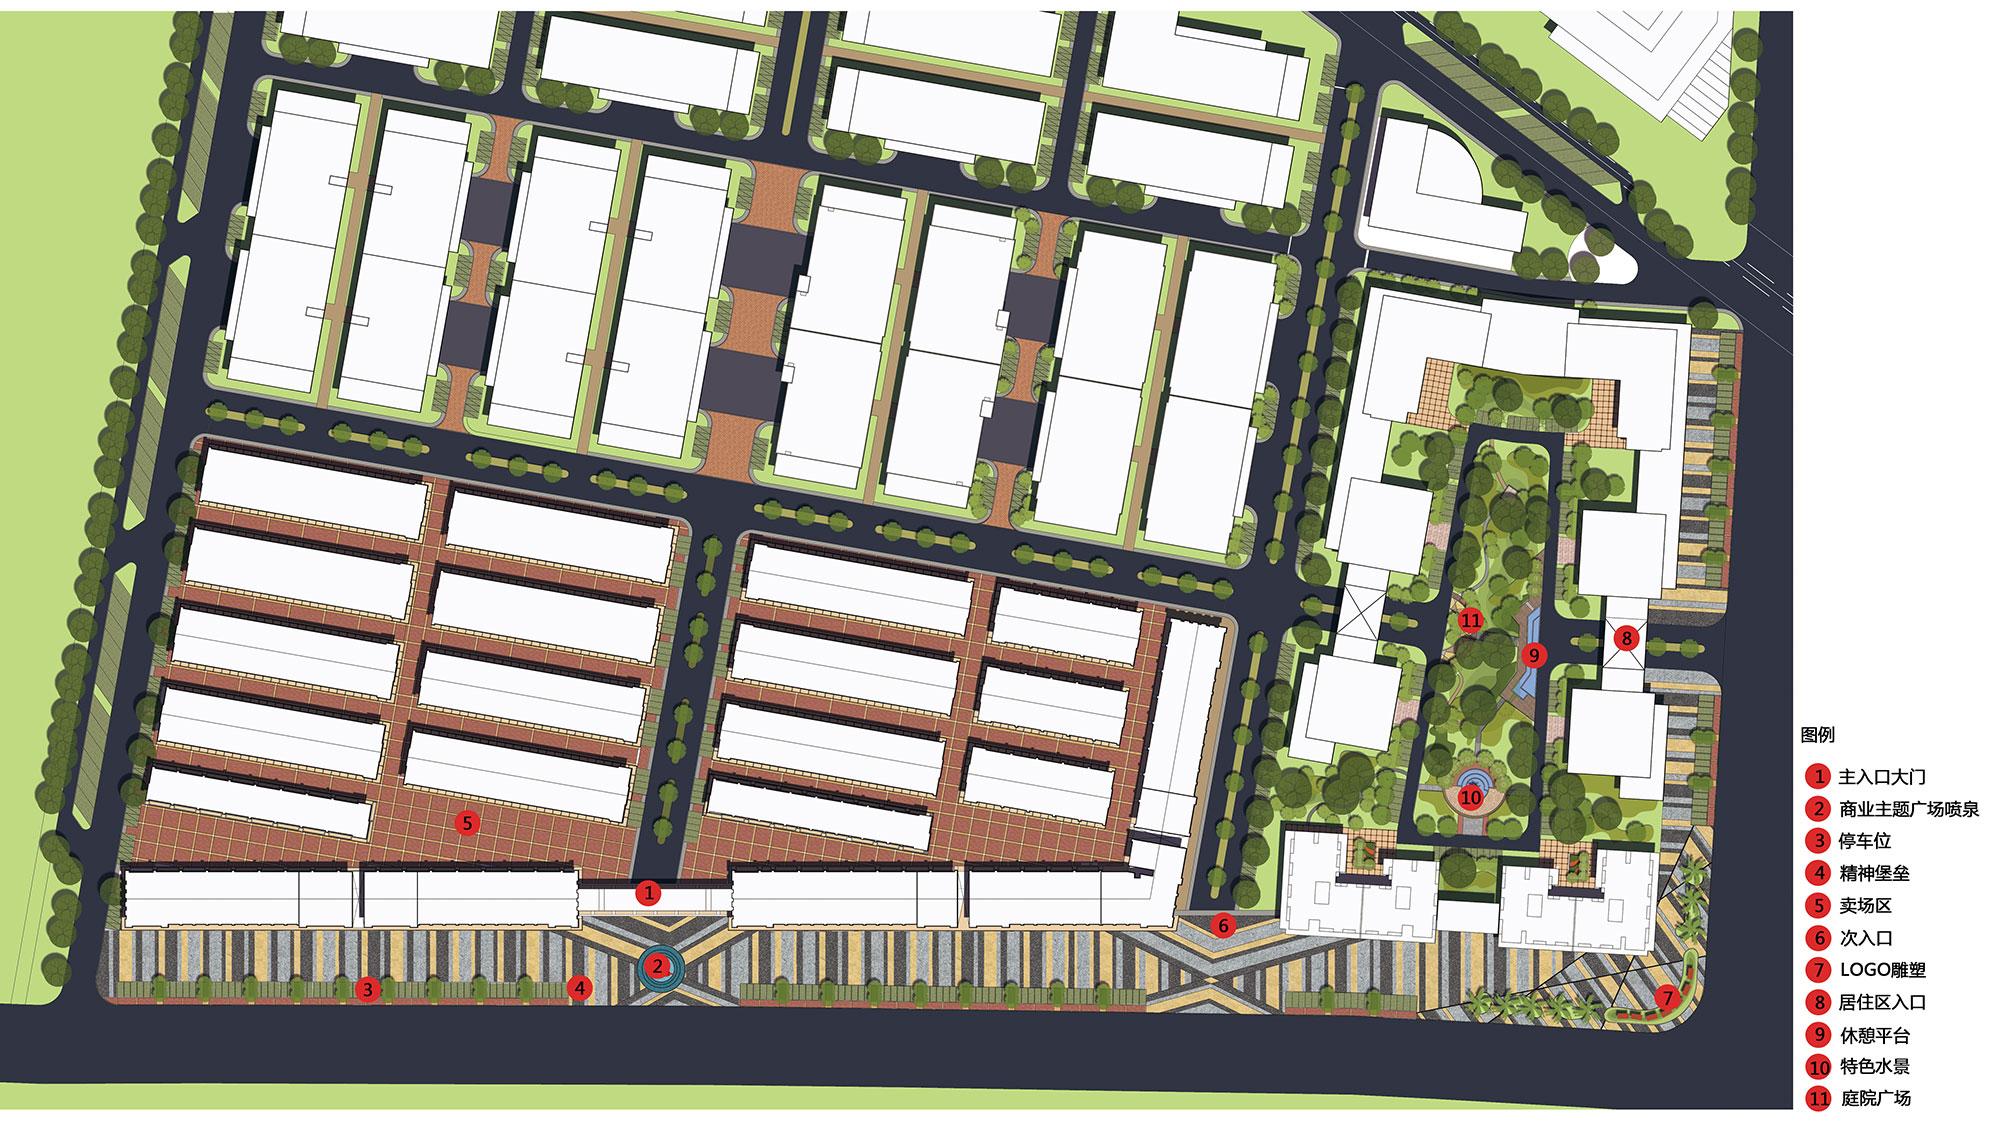 东森集团汉川华中电动车CBD一期一标景观设计与施工2013006.jpg